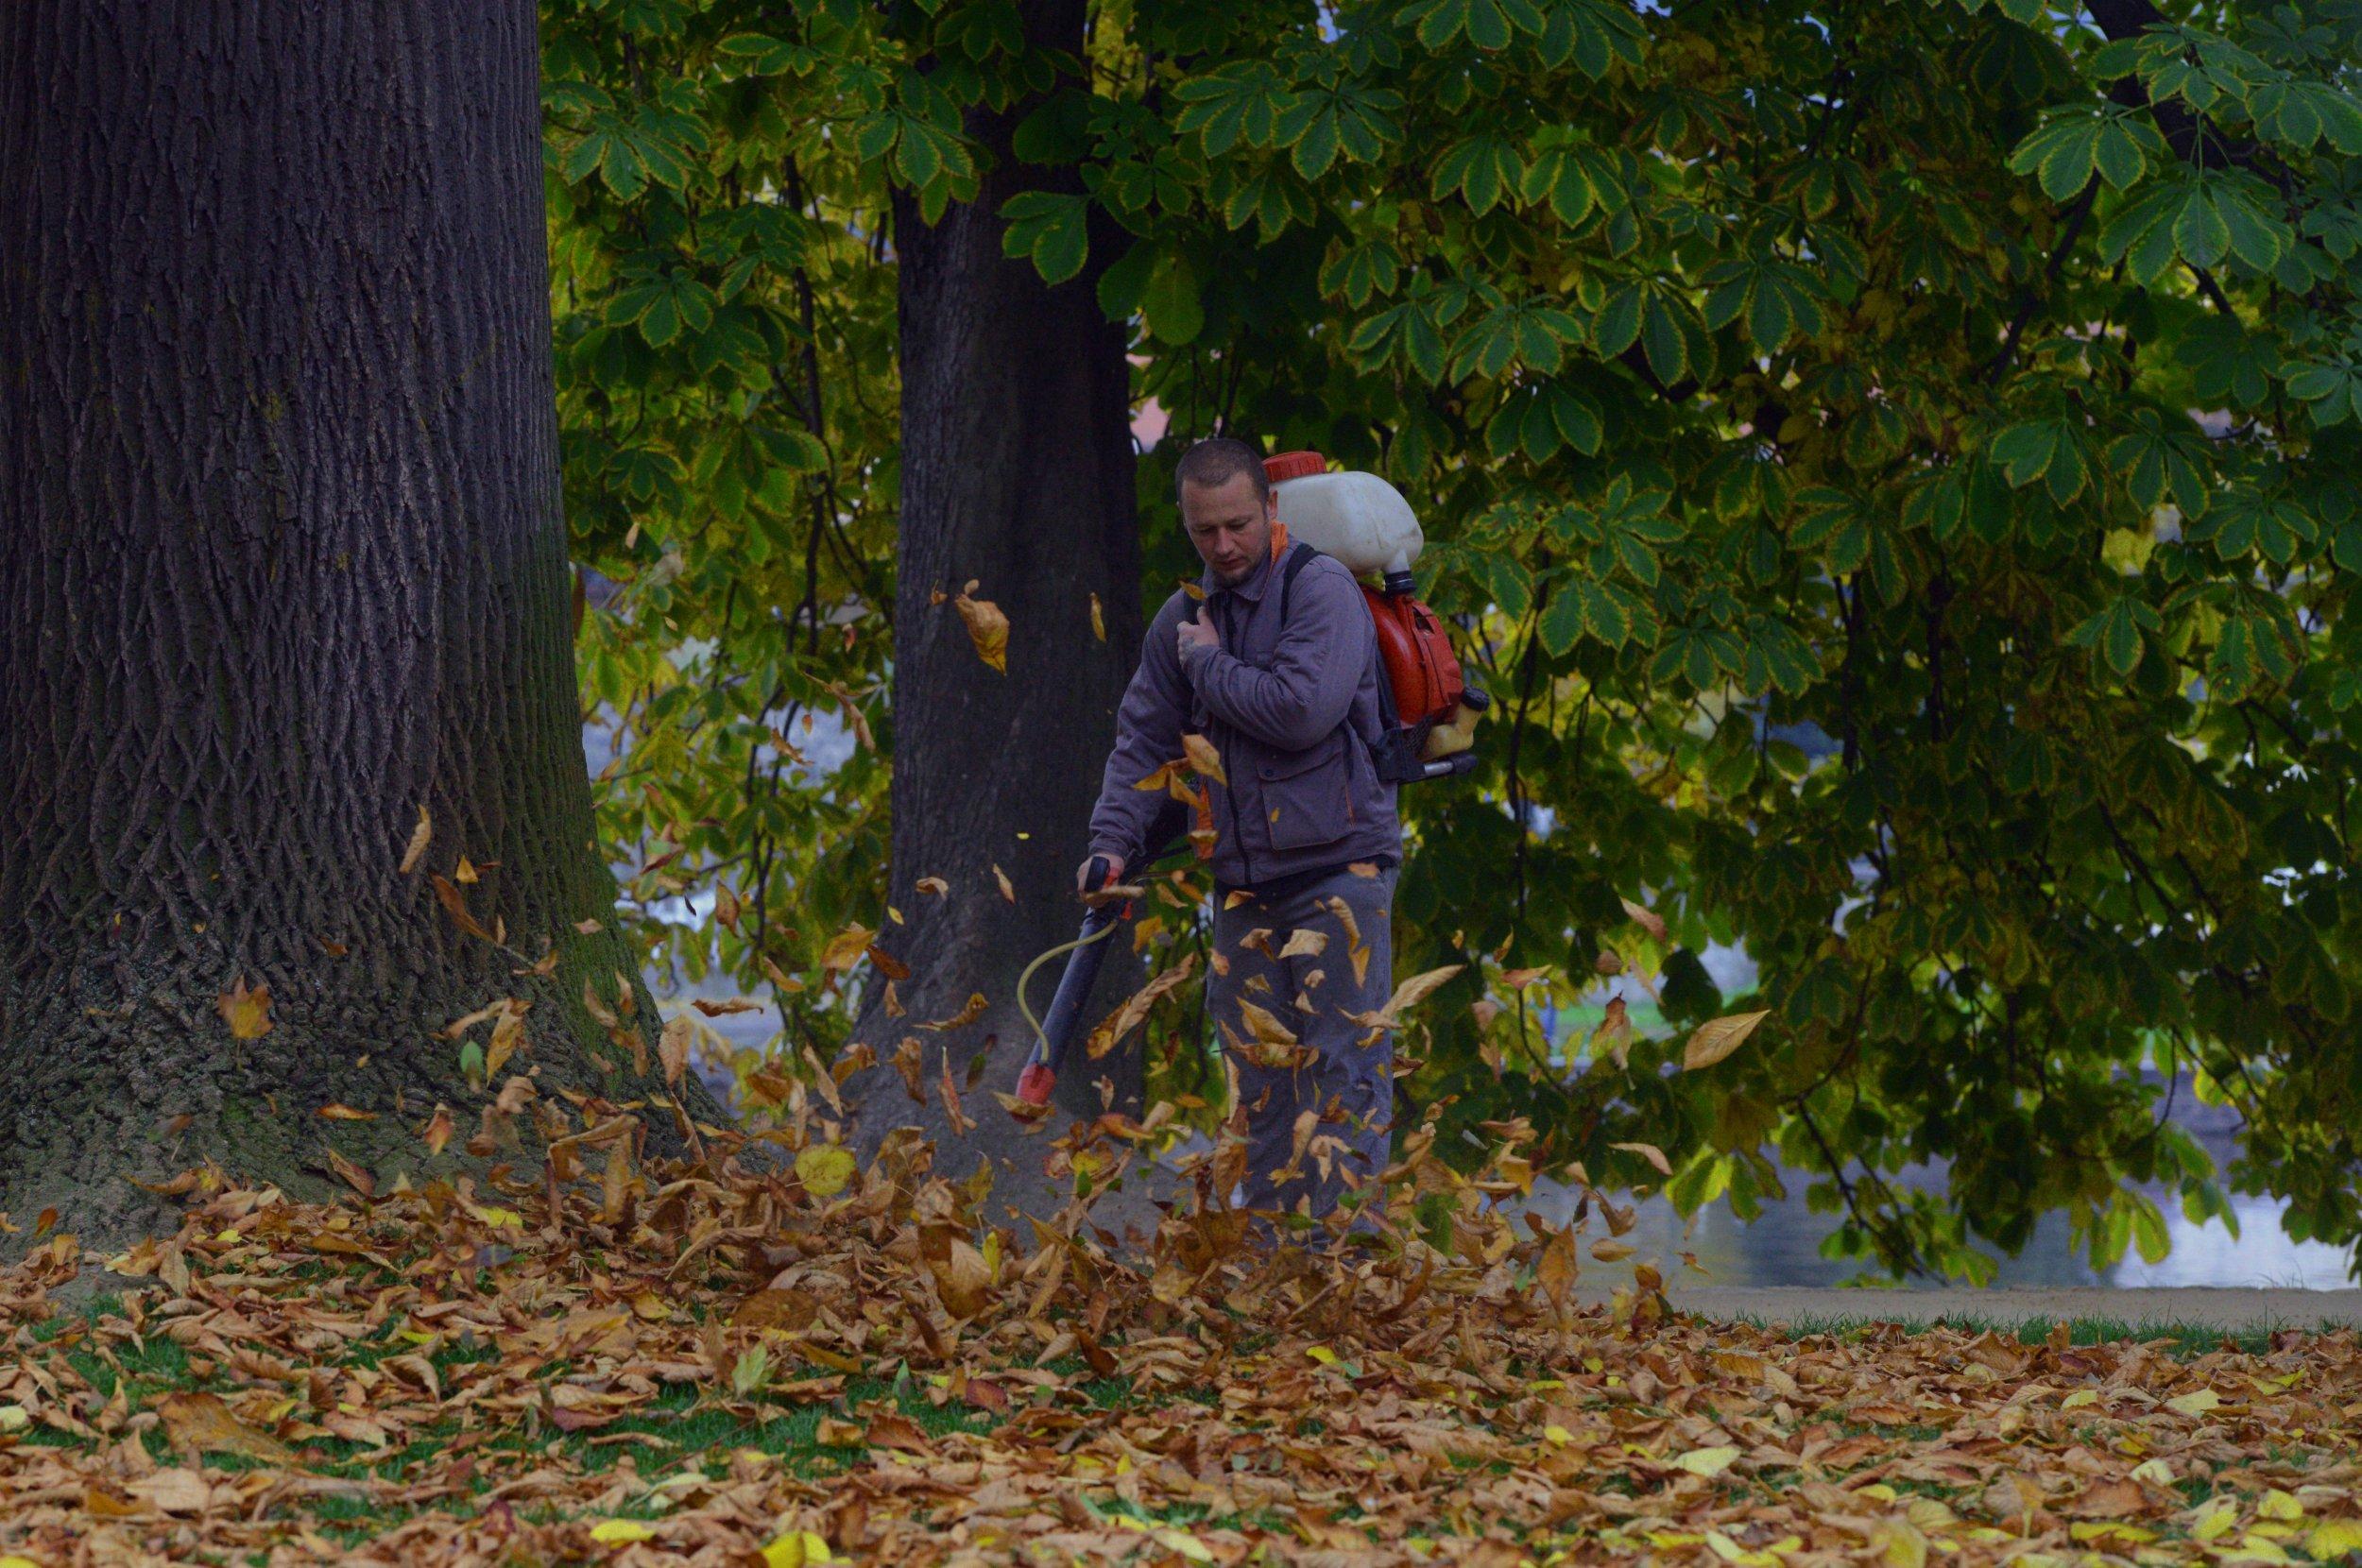 pornhub fall leaf campaign